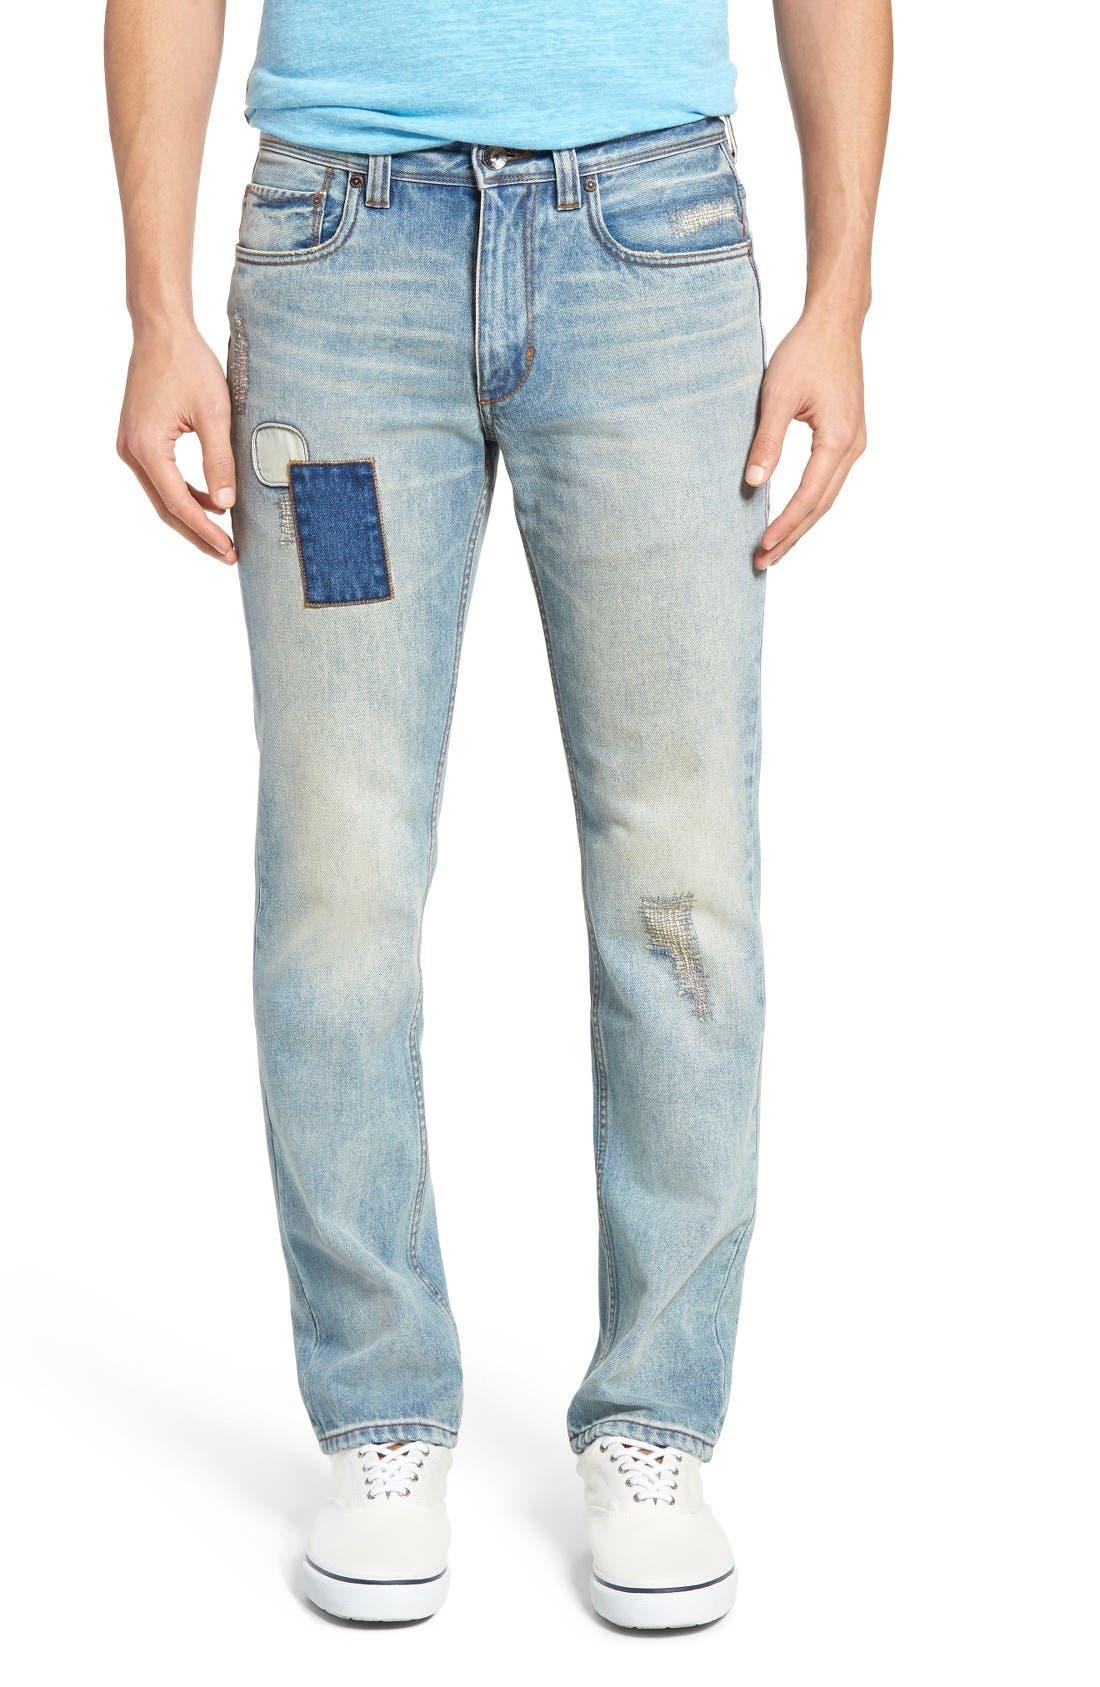 Castaway Slim Fit Jeans,                             Main thumbnail 1, color,                             Bleached Vintage Wash